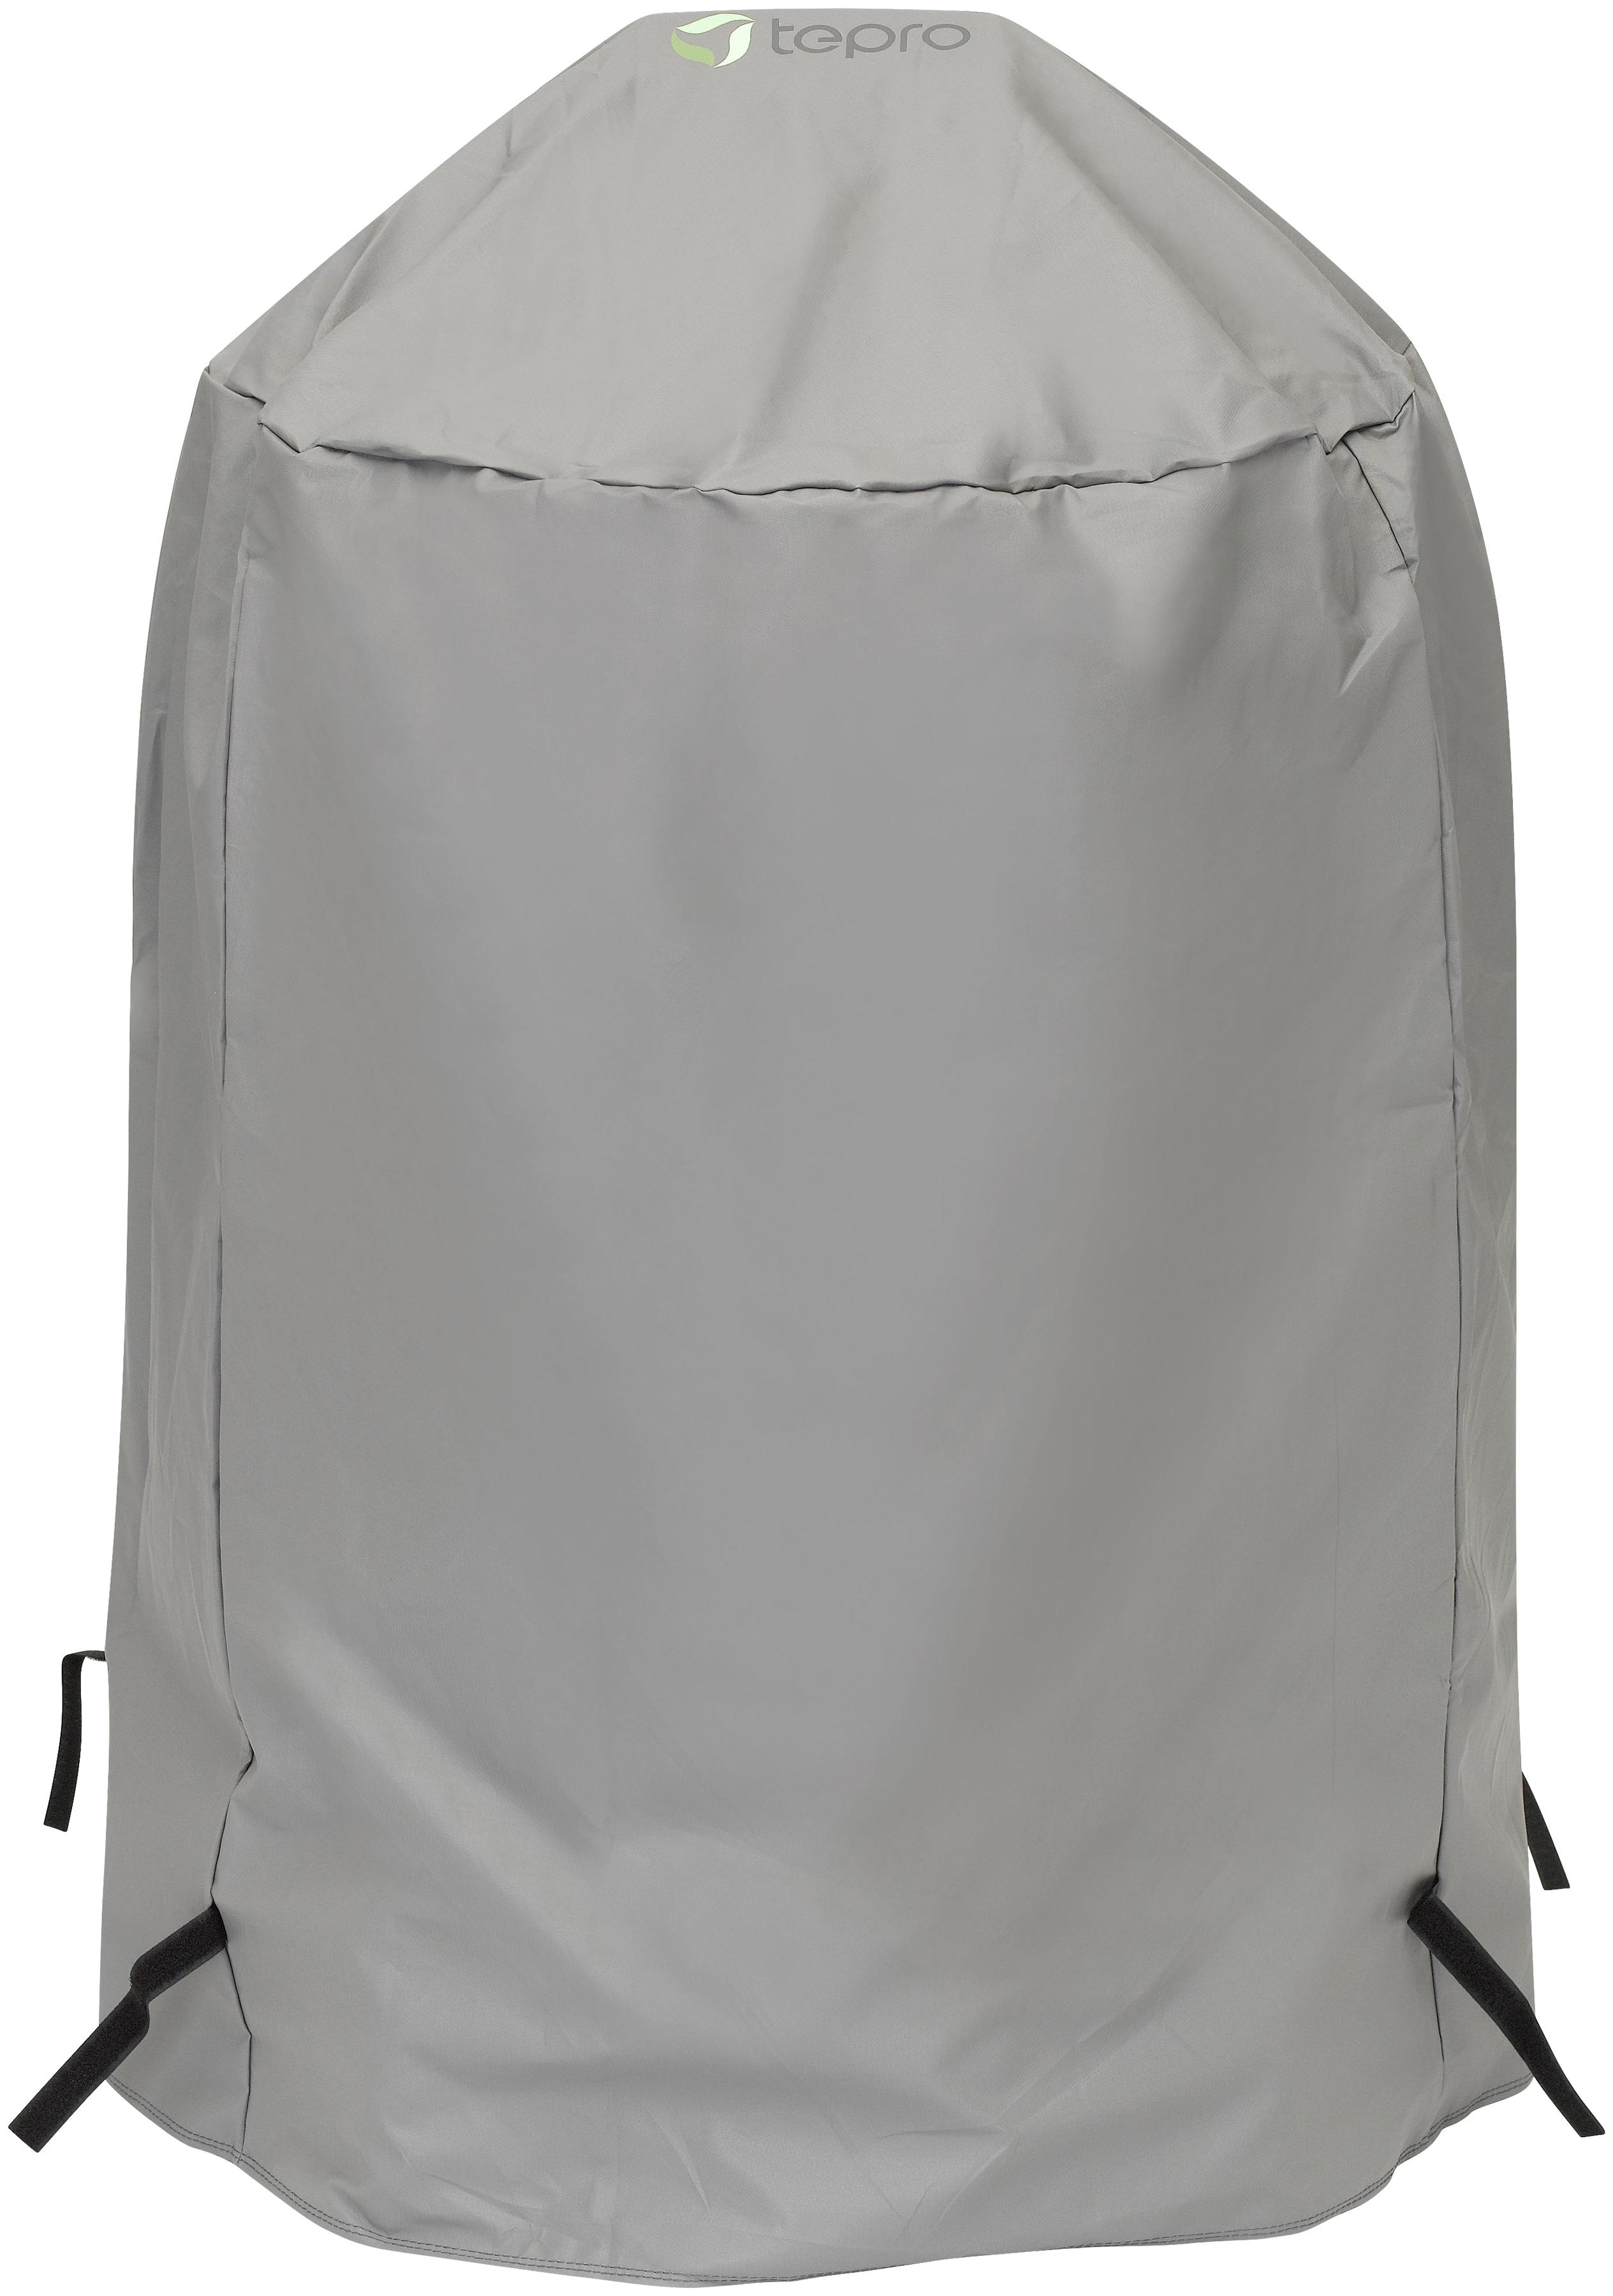 Tepro Grill-Schutzhülle, BxLxH: 90x73x90 cm, für Kugelgrill groß grau Zubehör Grills Garten Balkon Grill-Schutzhülle